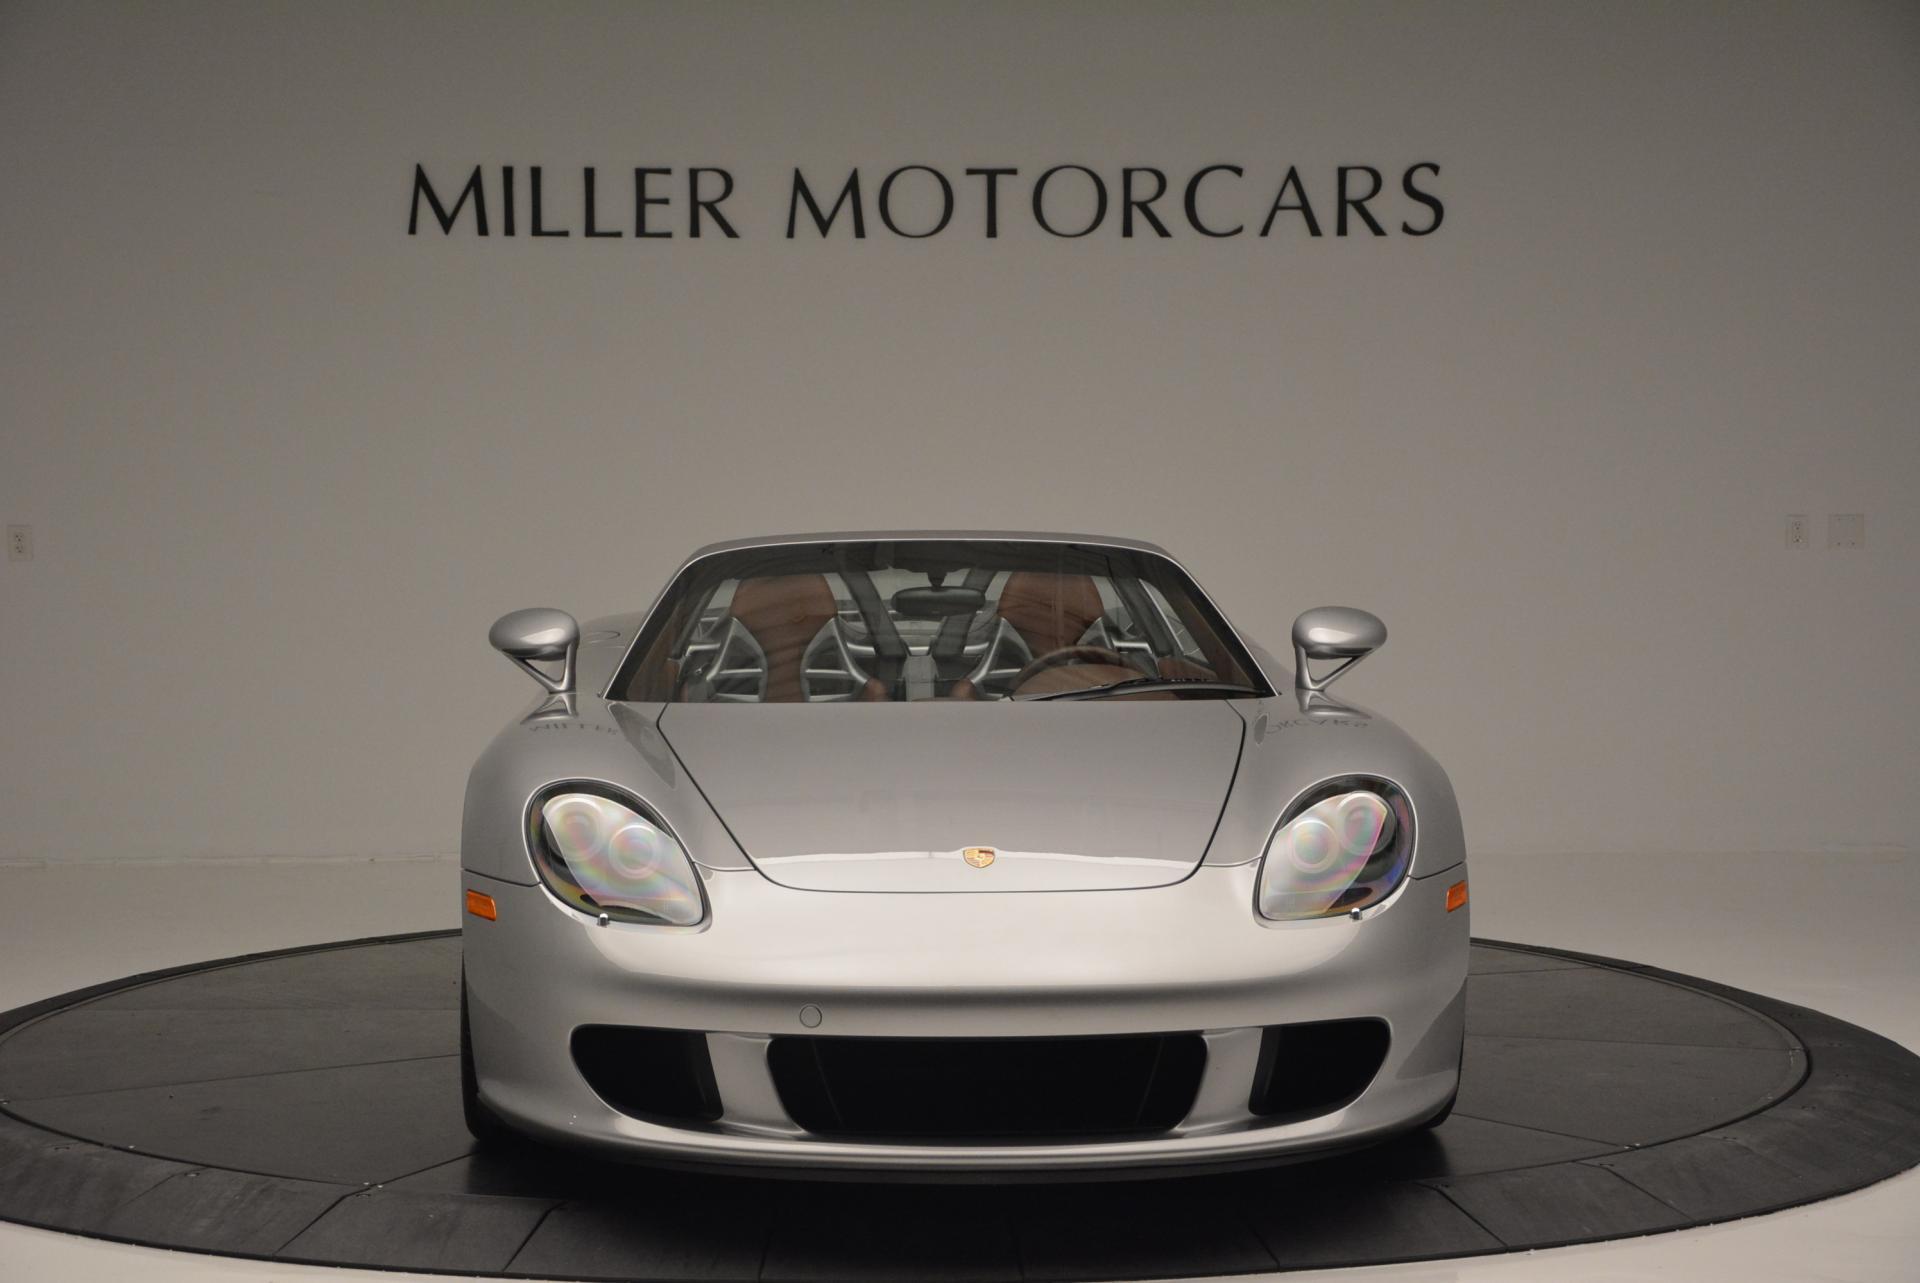 Used 2005 Porsche Carrera GT  For Sale In Greenwich, CT. Alfa Romeo of Greenwich, 7114 108_p8